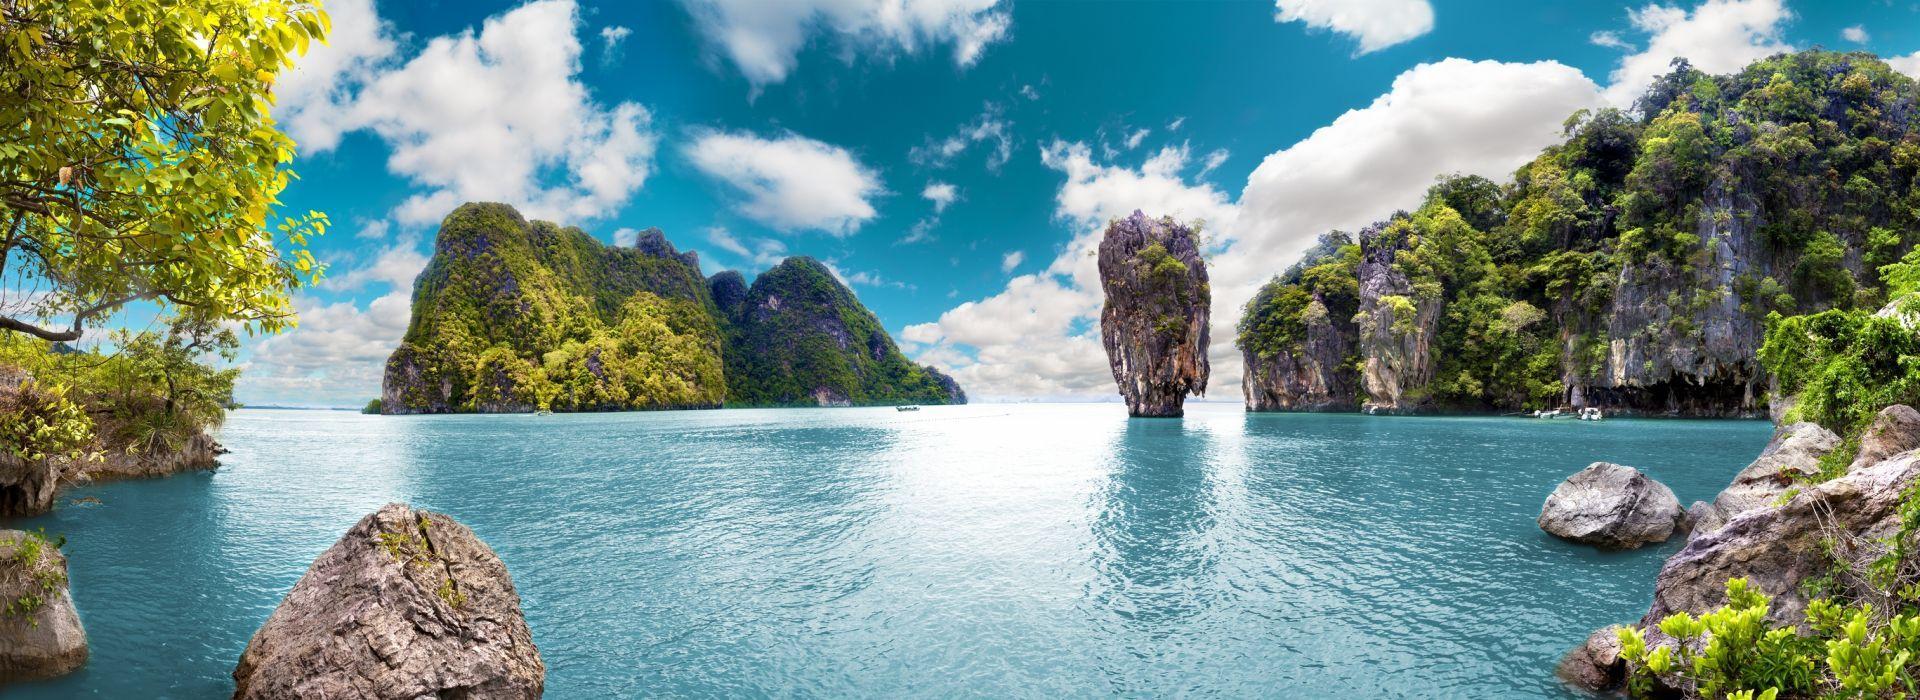 Kayaking and canoeing Tours in Bangkok